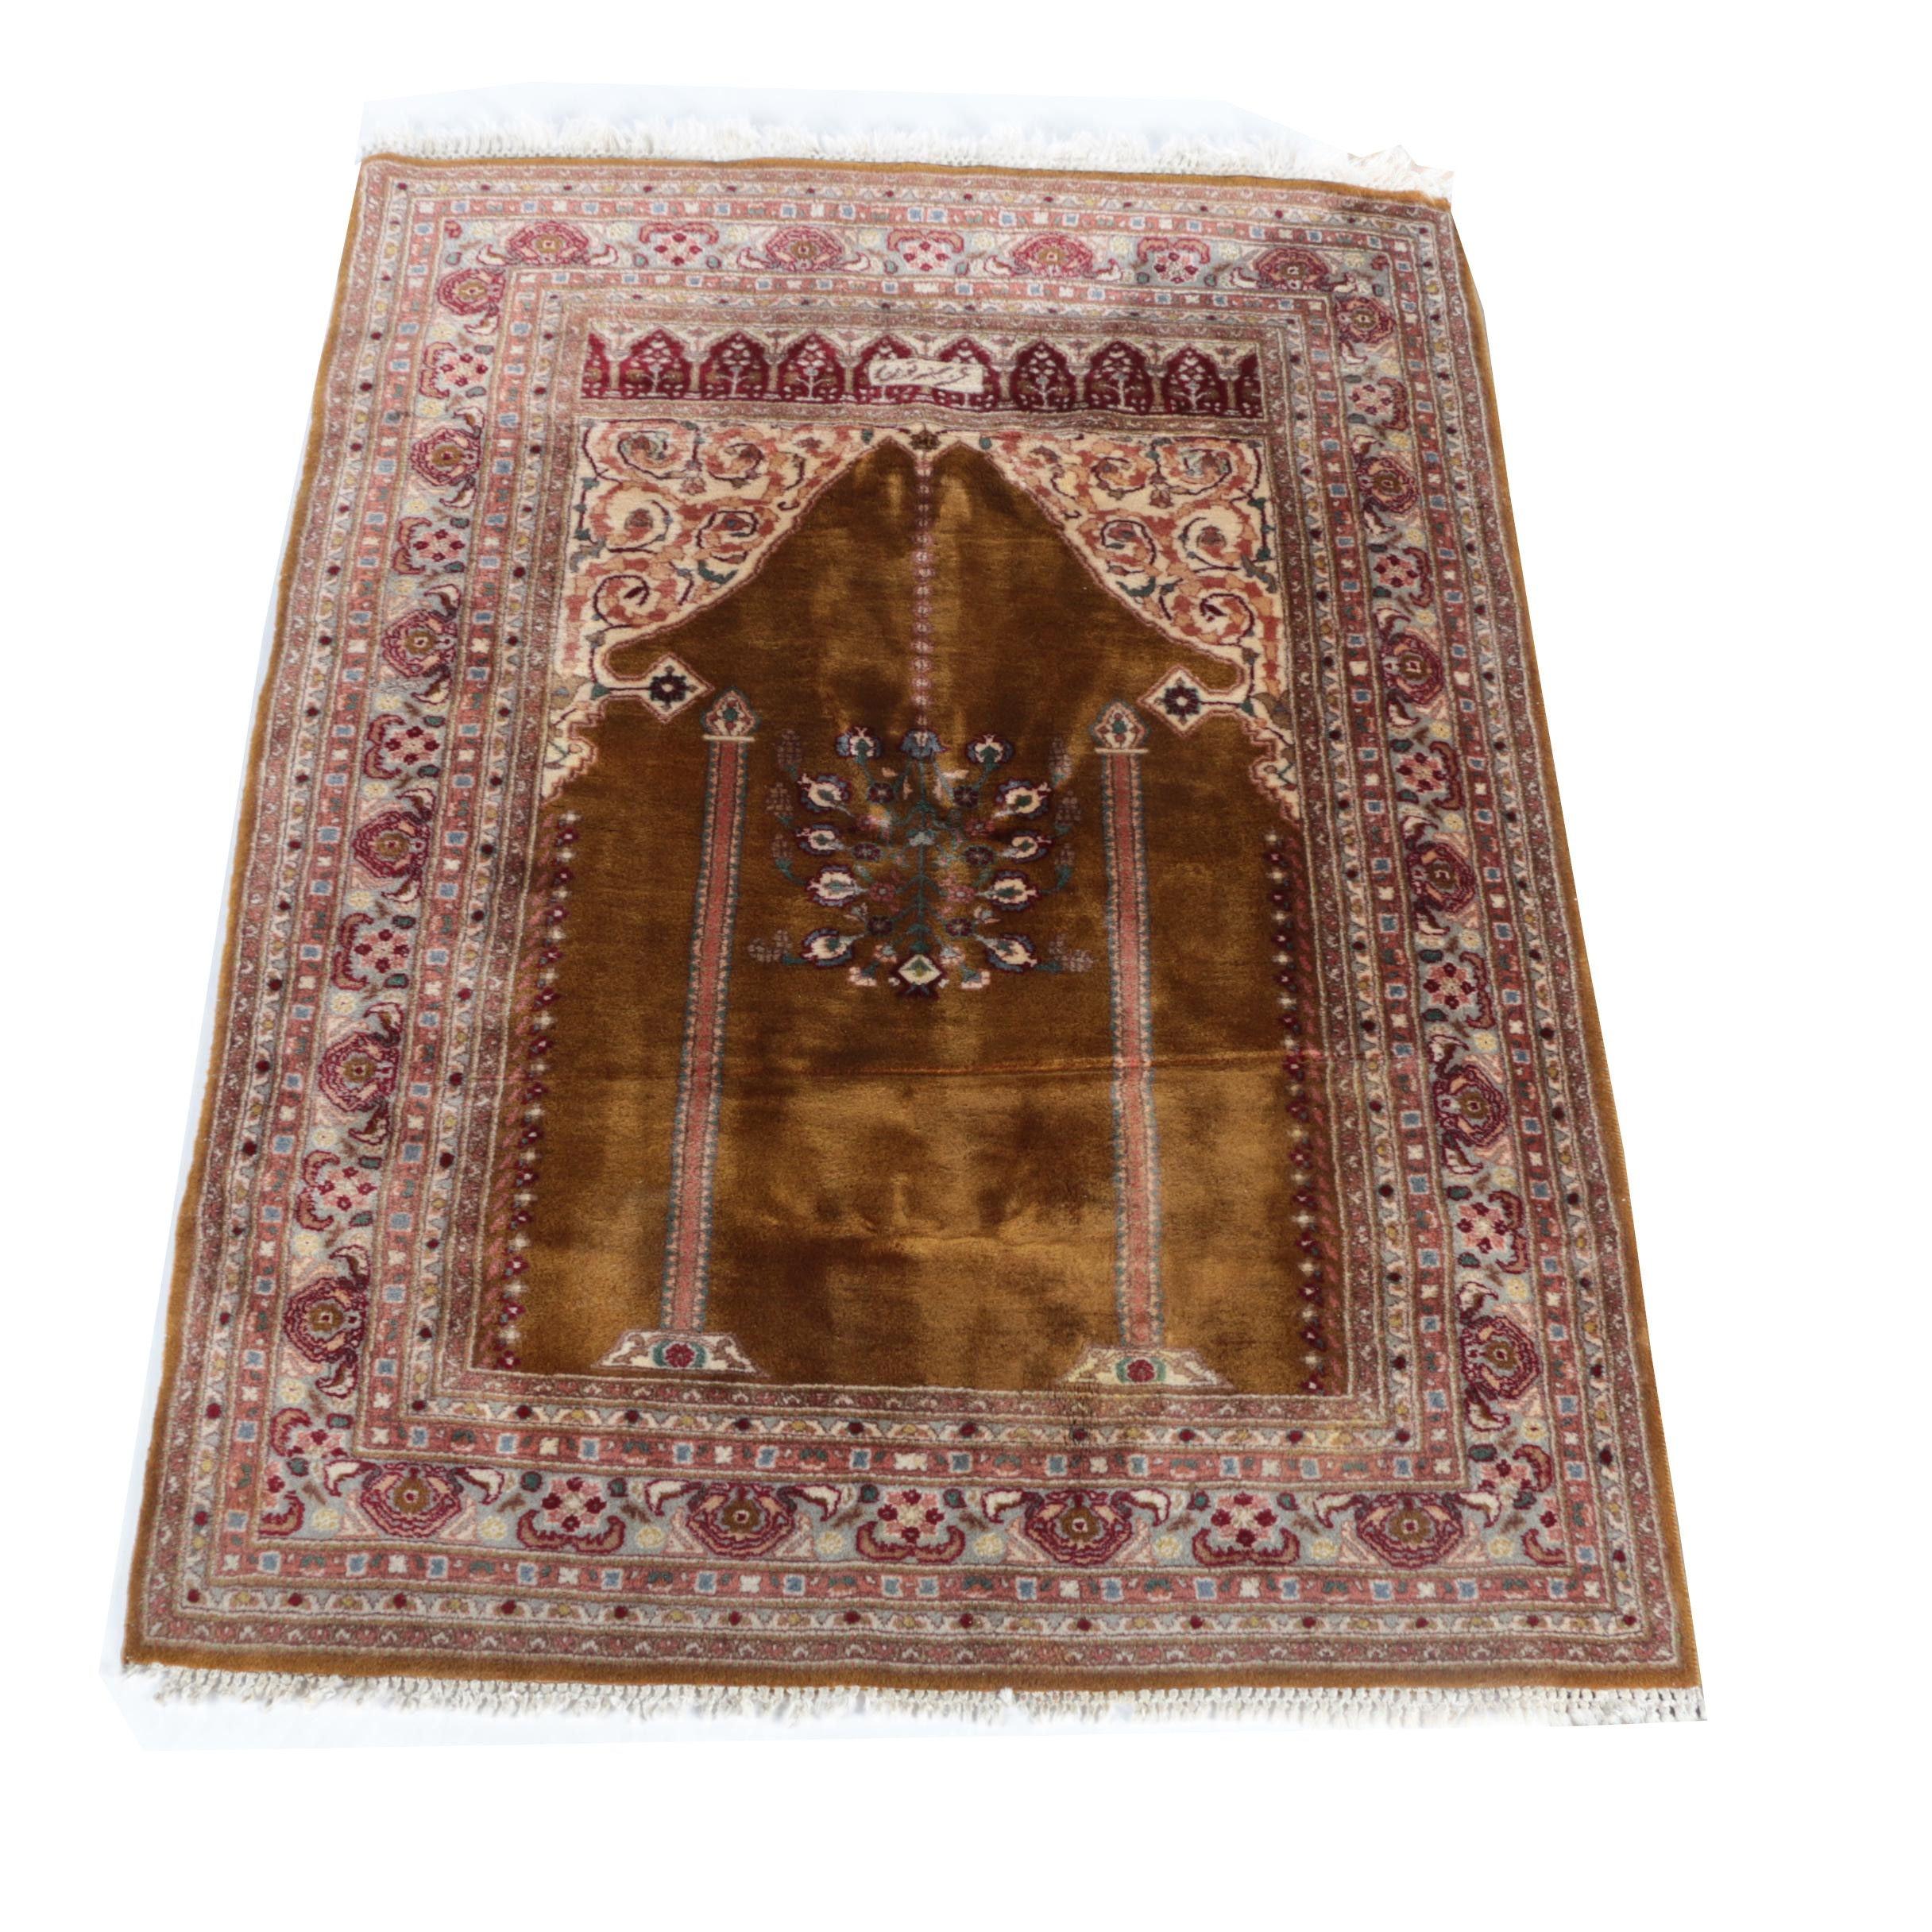 Hand-Knotted Turkish Ghiordes Prayer Rug